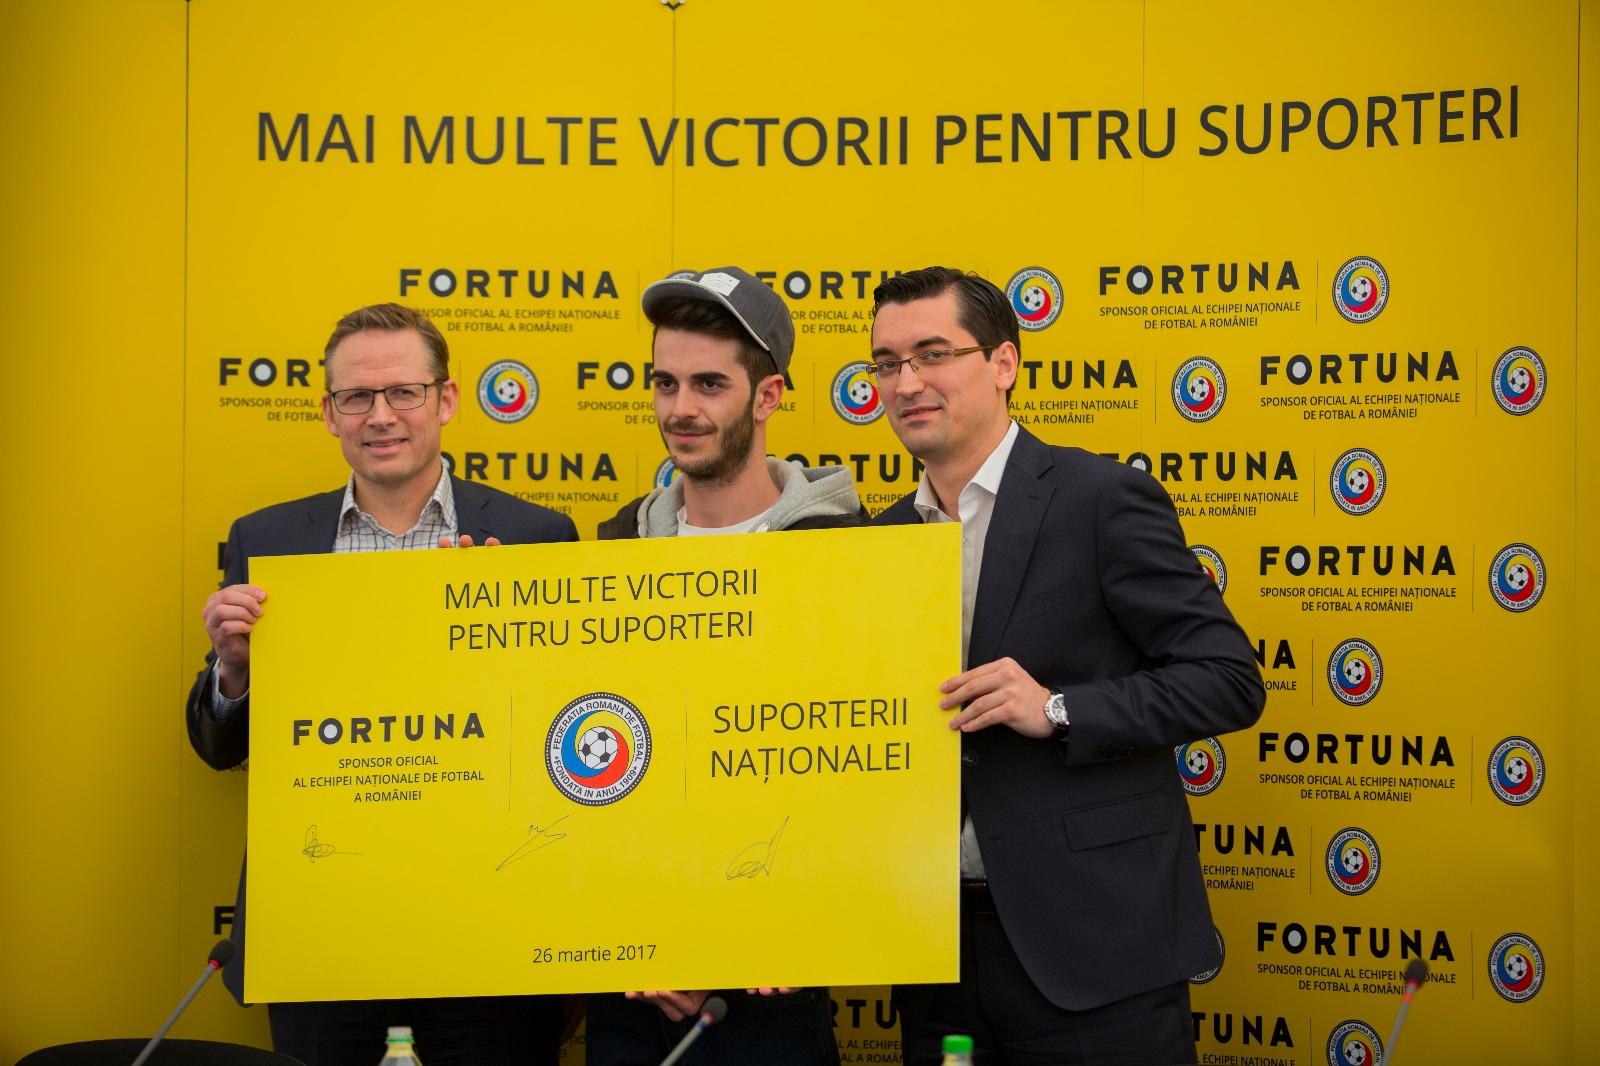 """""""Prin acest parteneriat ne propunem să contribuim la dezvoltarea fotbalului românesc, care este unul dintre cele mai iubite sporturi de echipă din România. Convingerea Fortuna este că fotbalul, precum și toți cei implicați în acest domeniu, inclusiv suporterii, au puterea de a crește acest sport și de a menține integritatea sa. Împreună cu Federația Română de Fotbal ne dorim să susținem și să milităm pentru un Fotbal Curat, inclusiv prin proiecte dedicate"""", a declarat Per Widerstrom – CEO Fortuna Group. """"Suntem bucuroși să avem încă o confirmare a strategiei comerciale de succes pe care Federația Română de Fotbal a implementat-o și să primim în familia fotbalului românesc un membru important, alături de care am convingerea că ne vom bucura pentru succesele Echipei Naționale și pentru reușitele proiectelor dedicate dezvoltării fotbalului. În același timp, campania noastră pentru asigurarea unui climat fotbalistic dominat de integritate se întărește și vom putea implementa noi măsuri prin care fenomenul fotbalistic să fie protejat și să evolueze"""", a declarat Răzvan Burleanu, Președintele Federației Române de Fotbal. La semnarea parteneriatului dintre FORTUNA și Federația Română de Fotbal, ce a avut loc în cadrul unei conferințe de presă, la Centrul Național de Fotbal Mogoșoaia, au participat și suporteri ai Echipei Naționale de Fotbal a României. Aceștia s-au alăturat reprezentanților Fortuna și Federației Române de Fotbal participând împreună cu aceștia la semnarea simbolică, tripartită, de colaborare."""